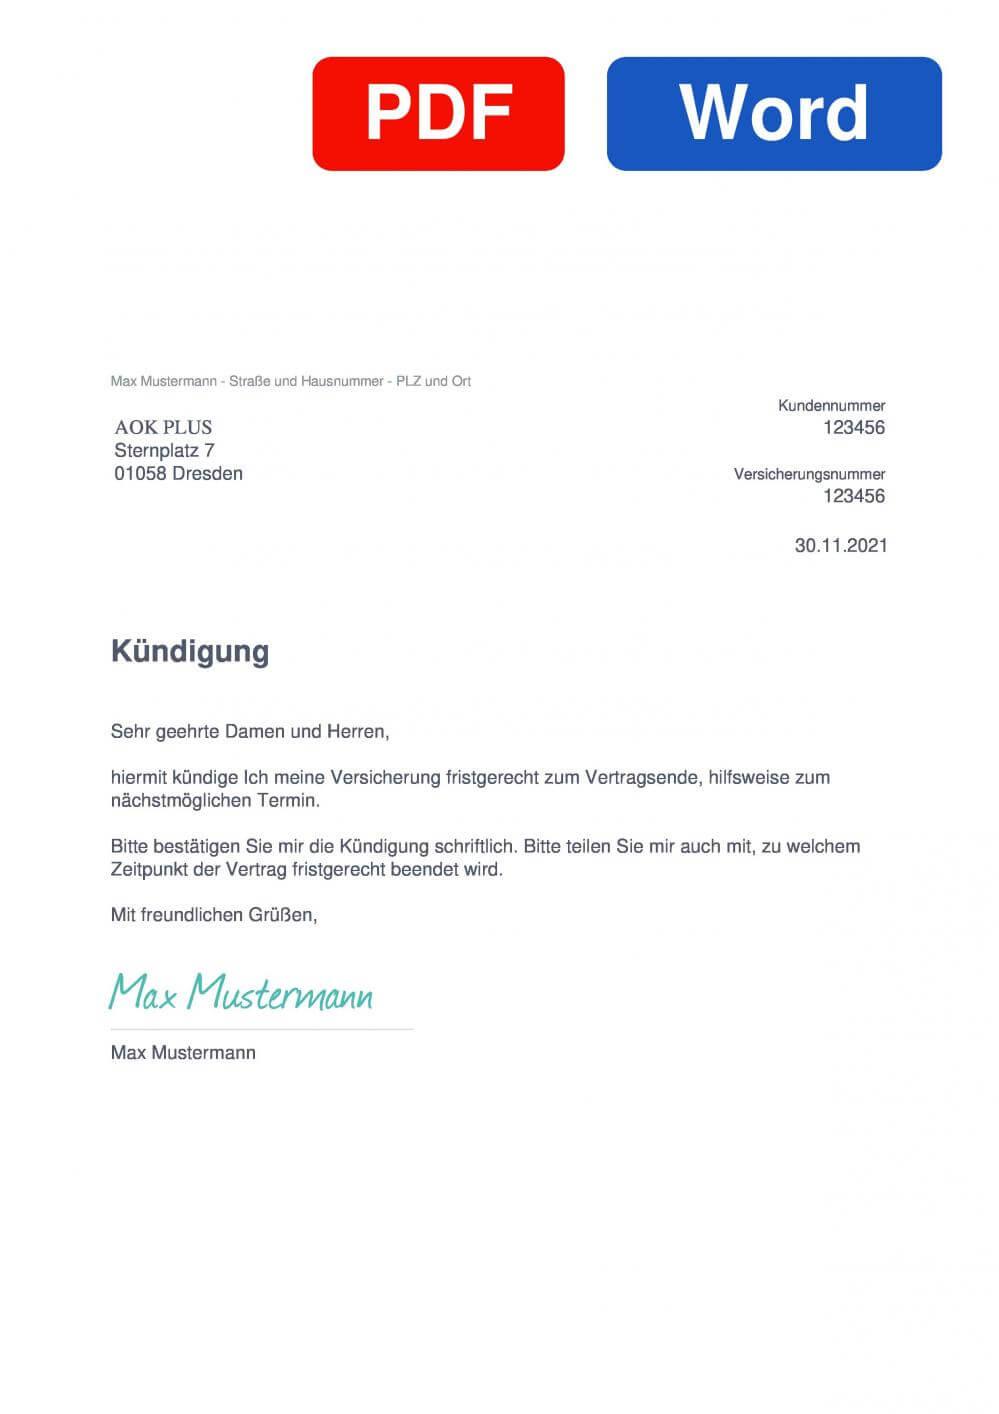 AOK PLUS Muster Vorlage für Kündigungsschreiben